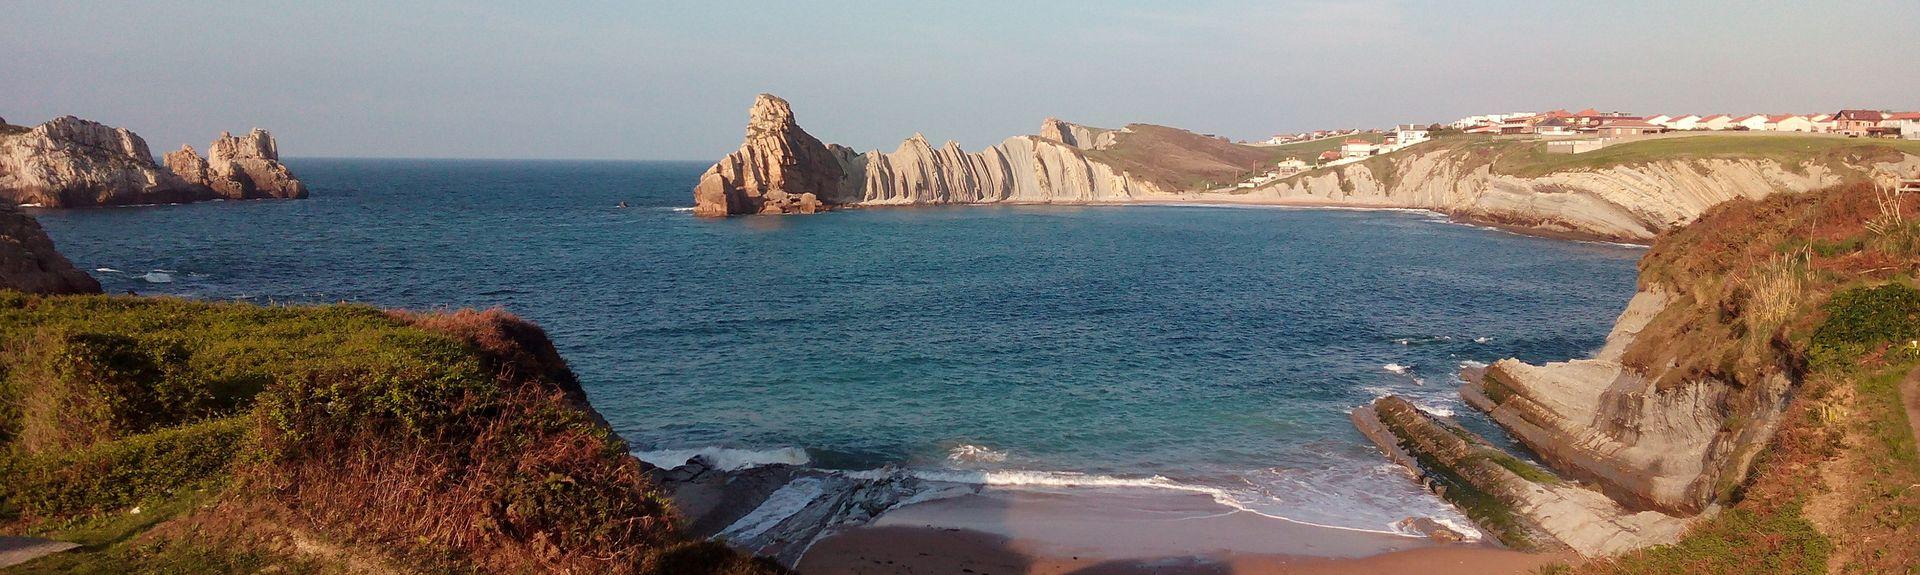 Loredo, Ribamontán al Mar, Cantábria, Espanha